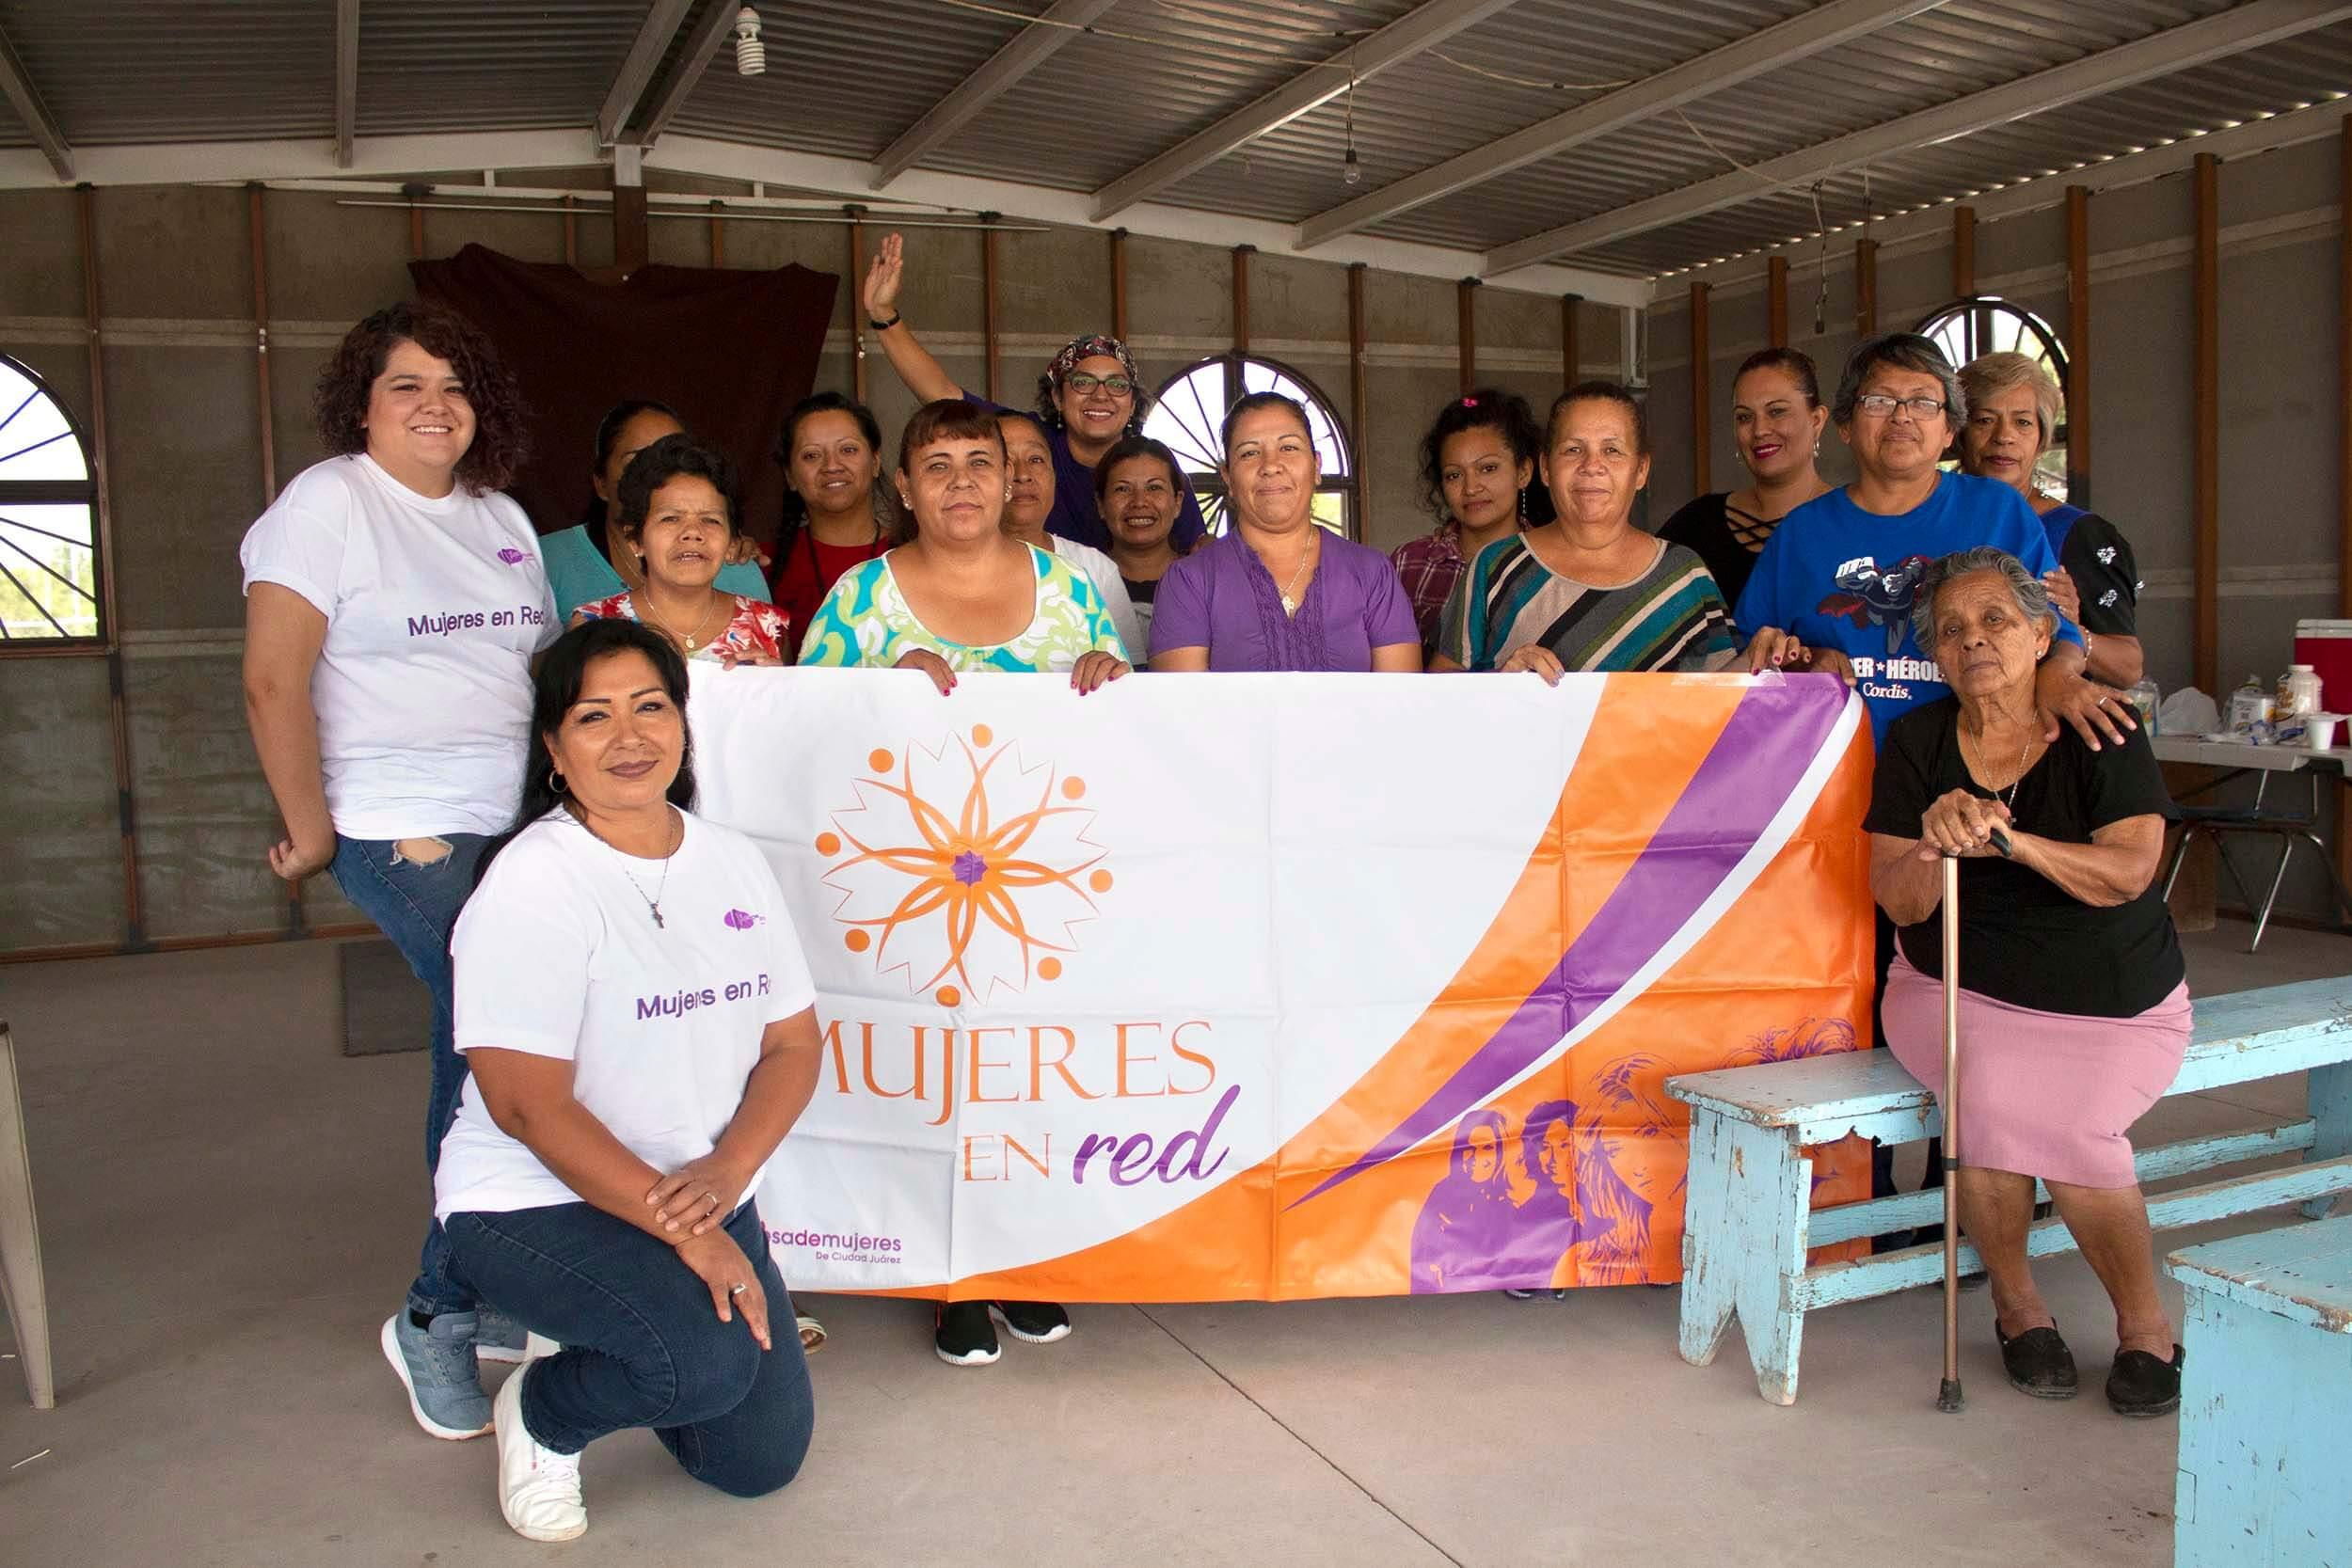 Yadira Soledad Cortés Castillo, coordinadora de Mujeres en Red, dice que con este modelo se ha trabajado treinta colonias, donde han formado a unas trescientas defensoras, en el surponiente, suroriente y el oriente de la ciudad. Foto: Regina Garcia, cortesía Red Mesa de Mujeres